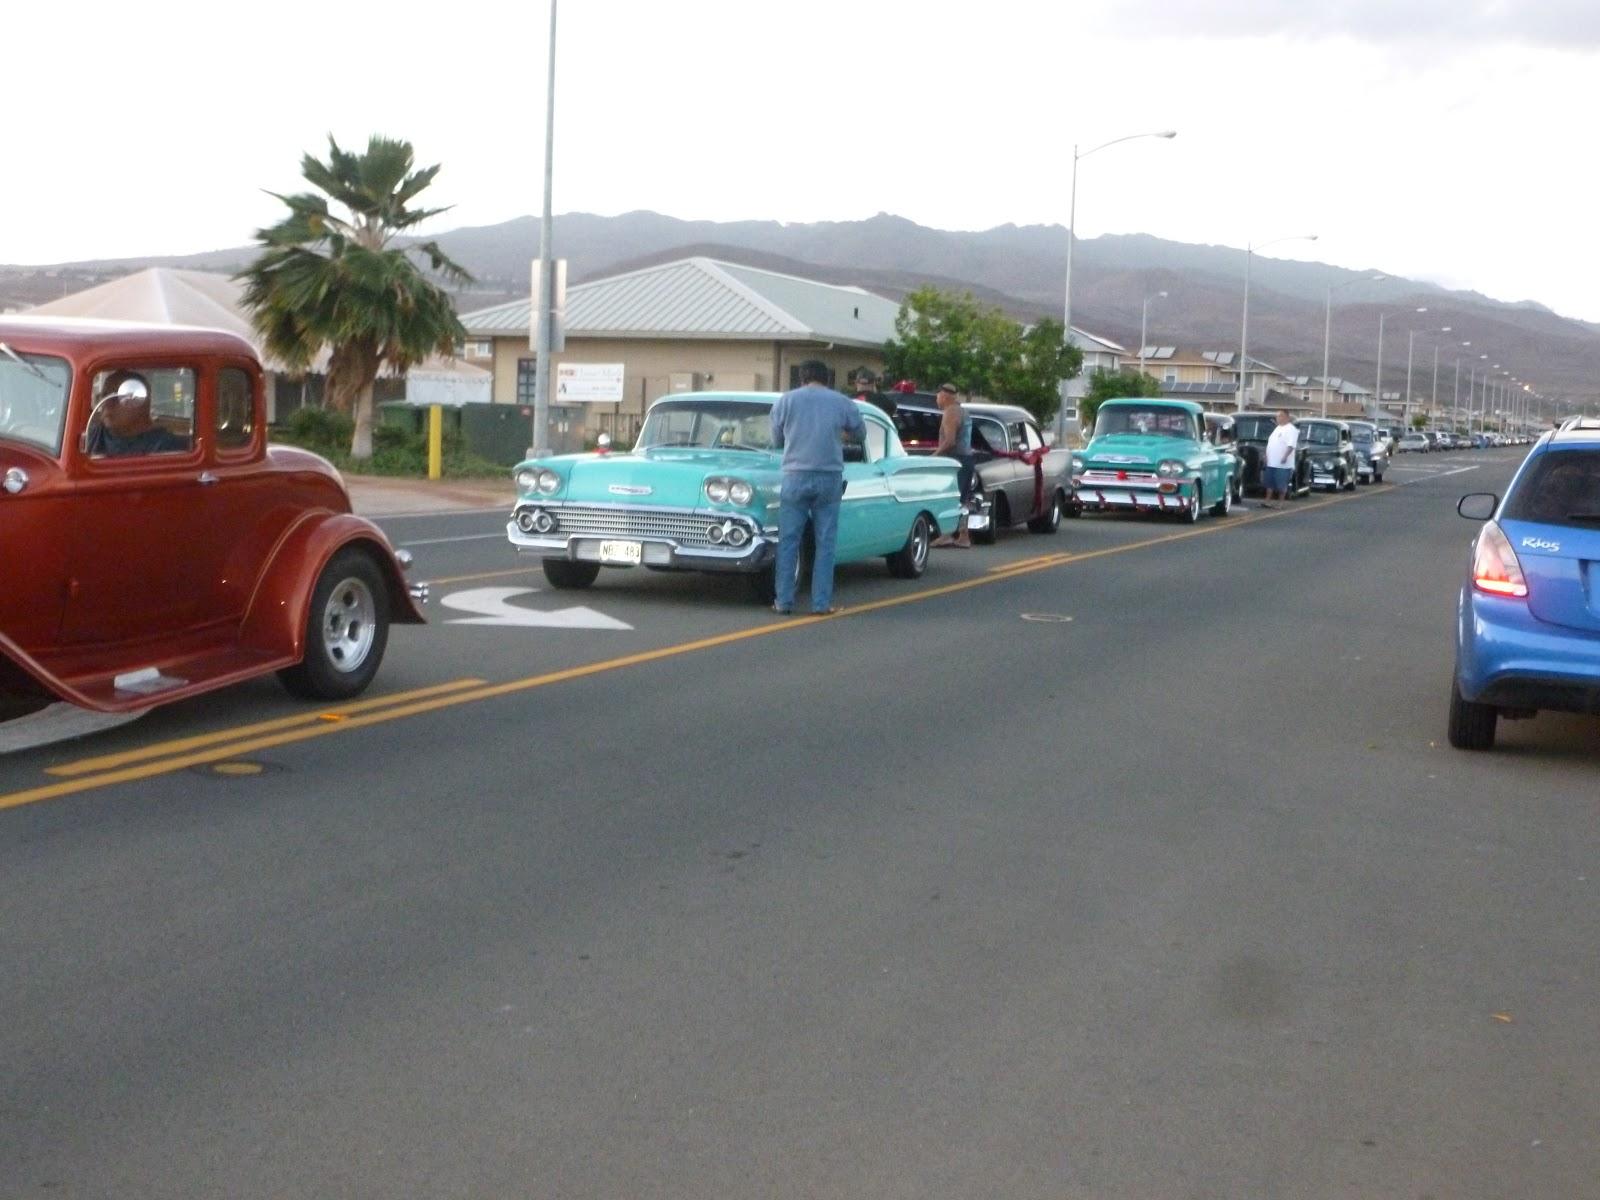 BLEIZN FX HAWAII INDEPENDENT CRUISE NIGHTS KANEHILI HAWAIIAN - Car show hawaii